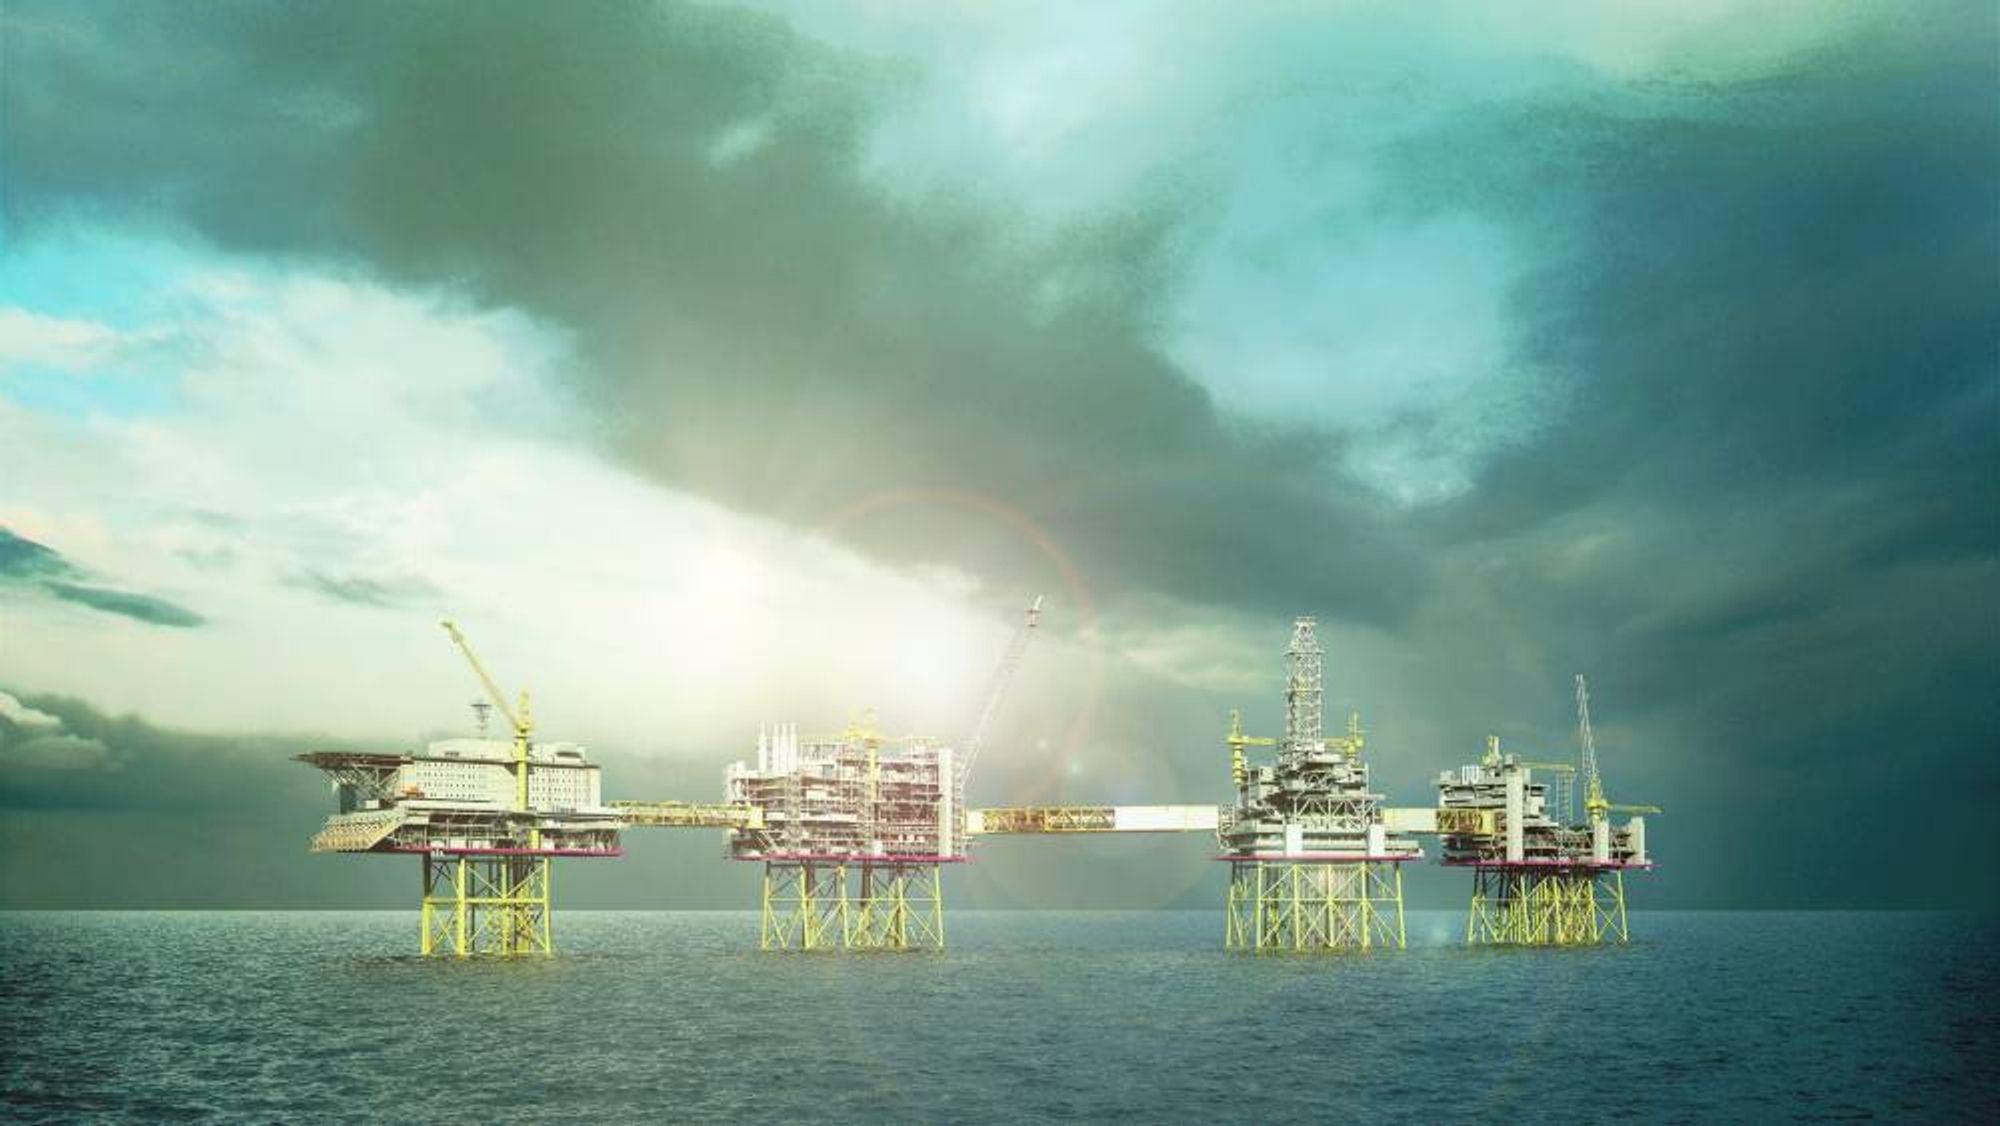 IEA tror etterspørselen etter norsk olje vil være stor i mange år fremover. Johan Sverdrup-feltet, som er under utbygging, skal etter planen lever olje i mange tiår fremover.